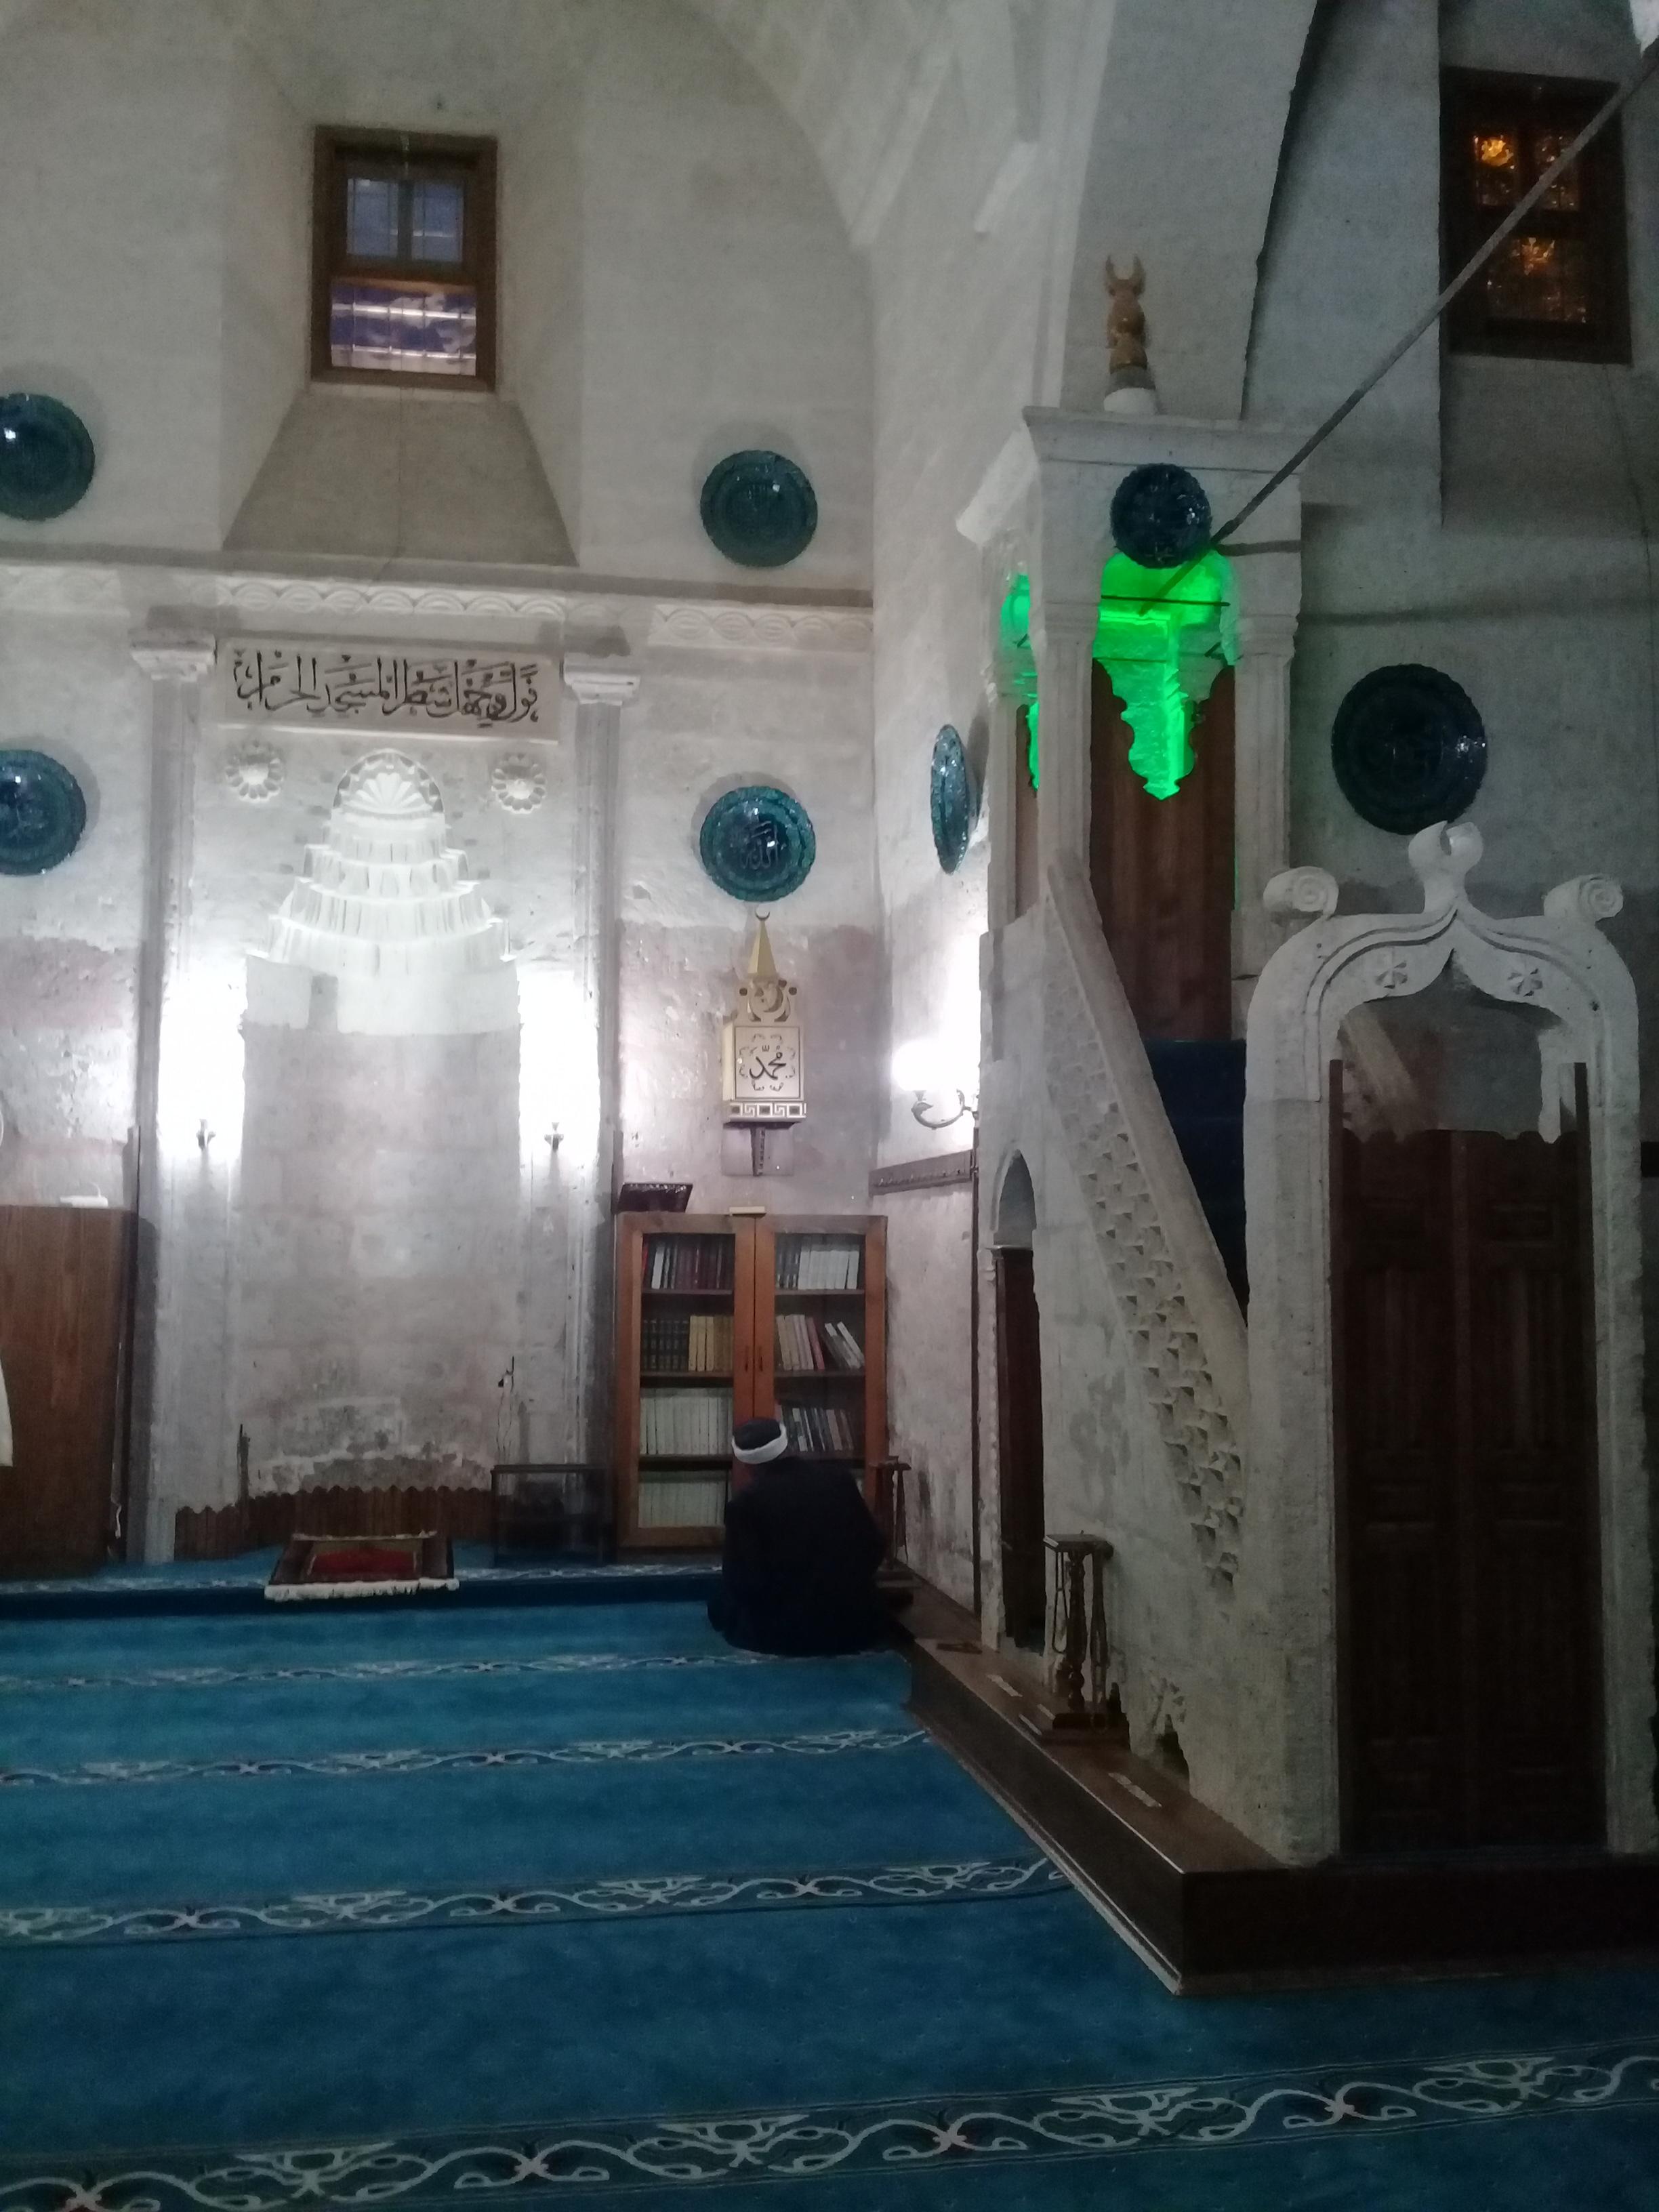 Merkez Mustafa Aga Camii Mosque, Urgup